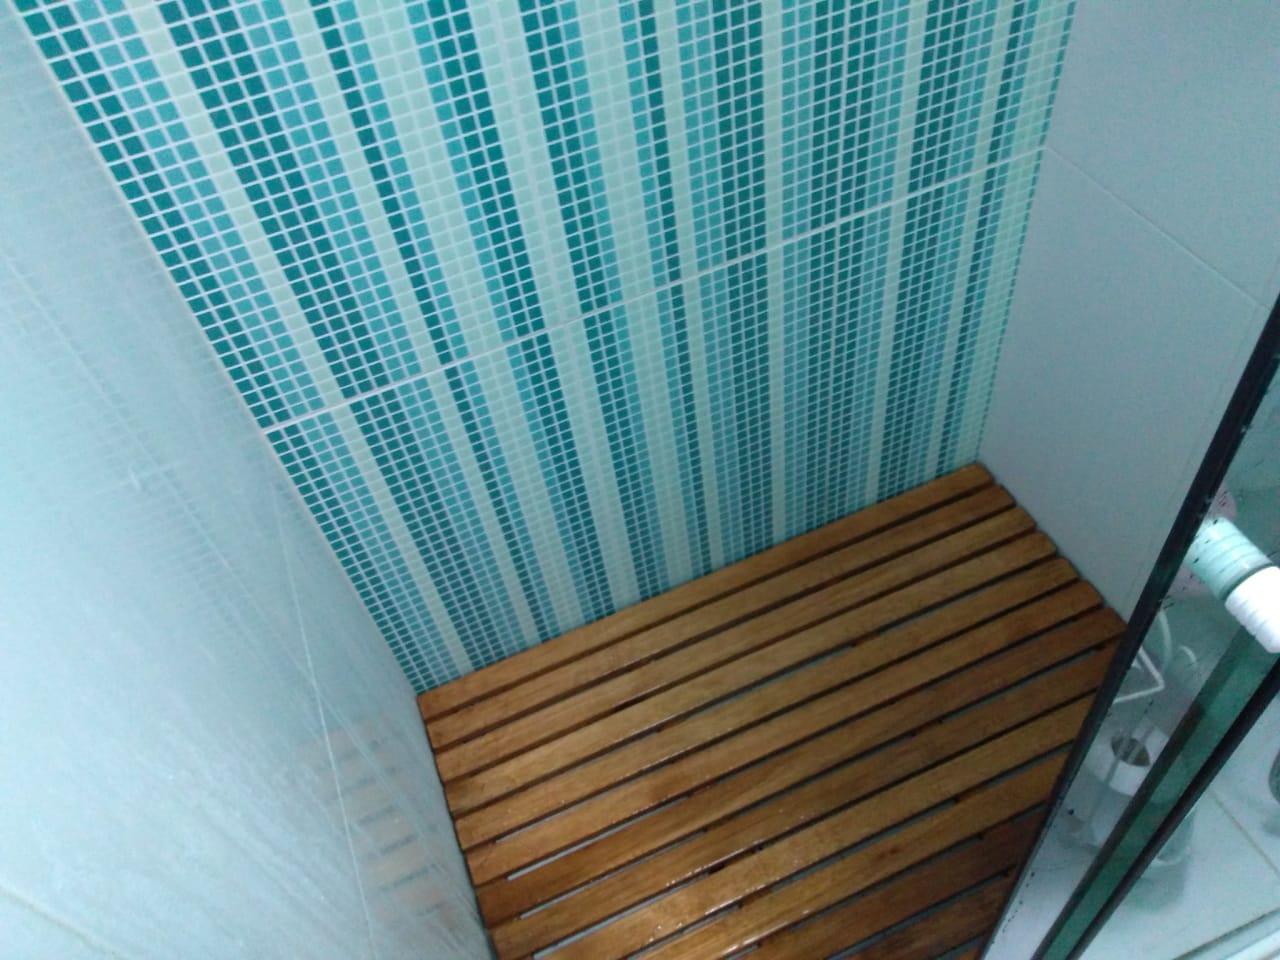 Deck De Madeira Chuveiro Box Banheiro Capacho 90x90 cm Lixado Neonx